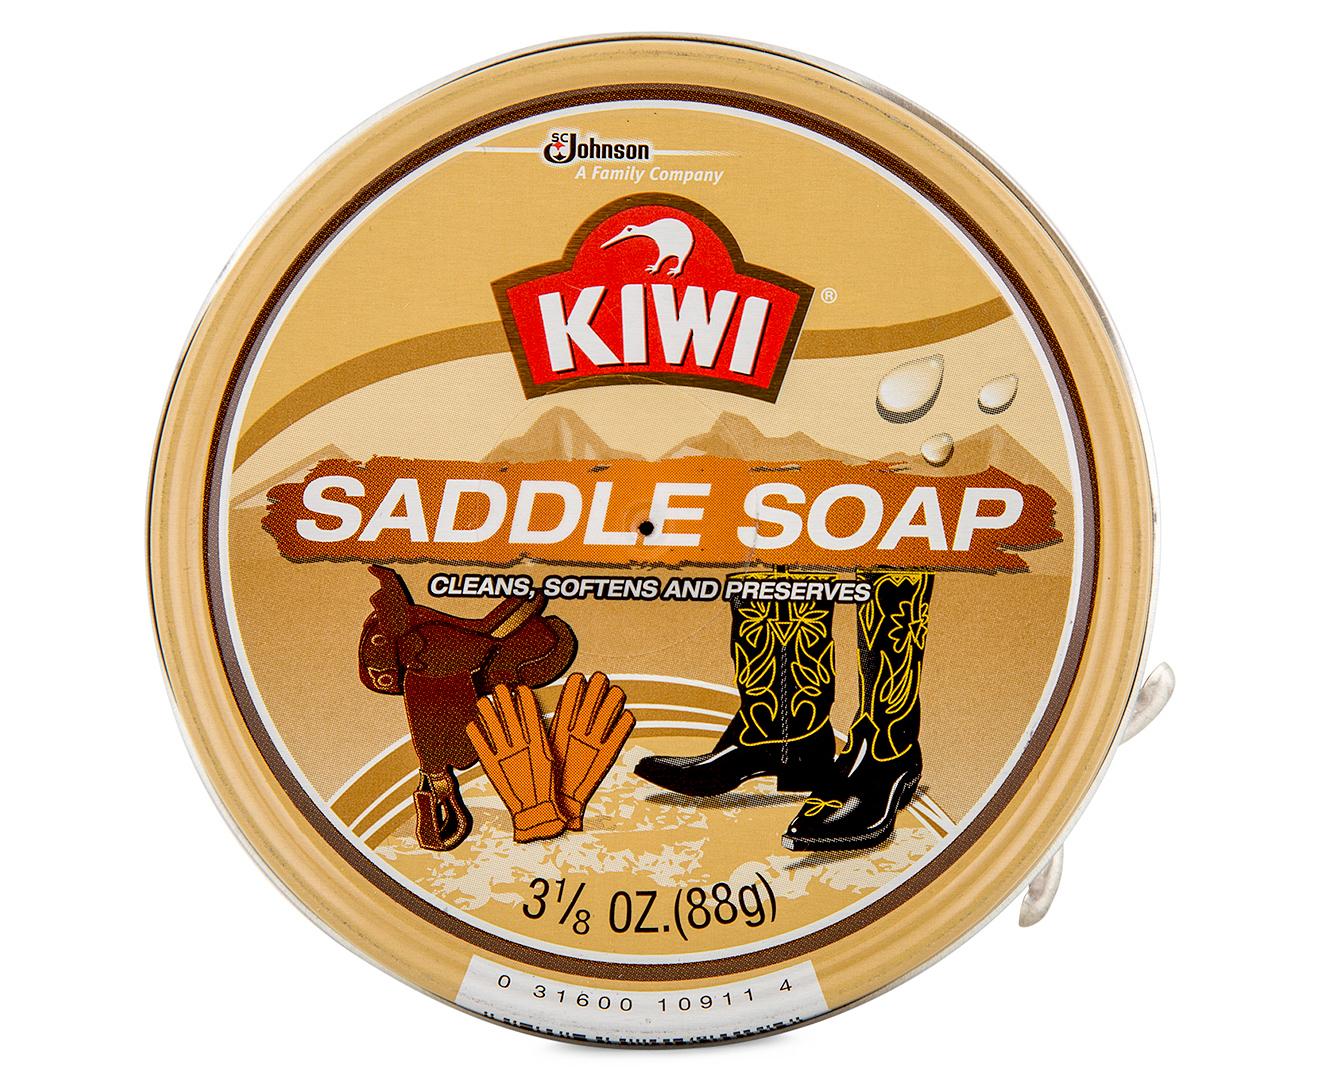 Kiwi Saddle Soap On Dress Shoes